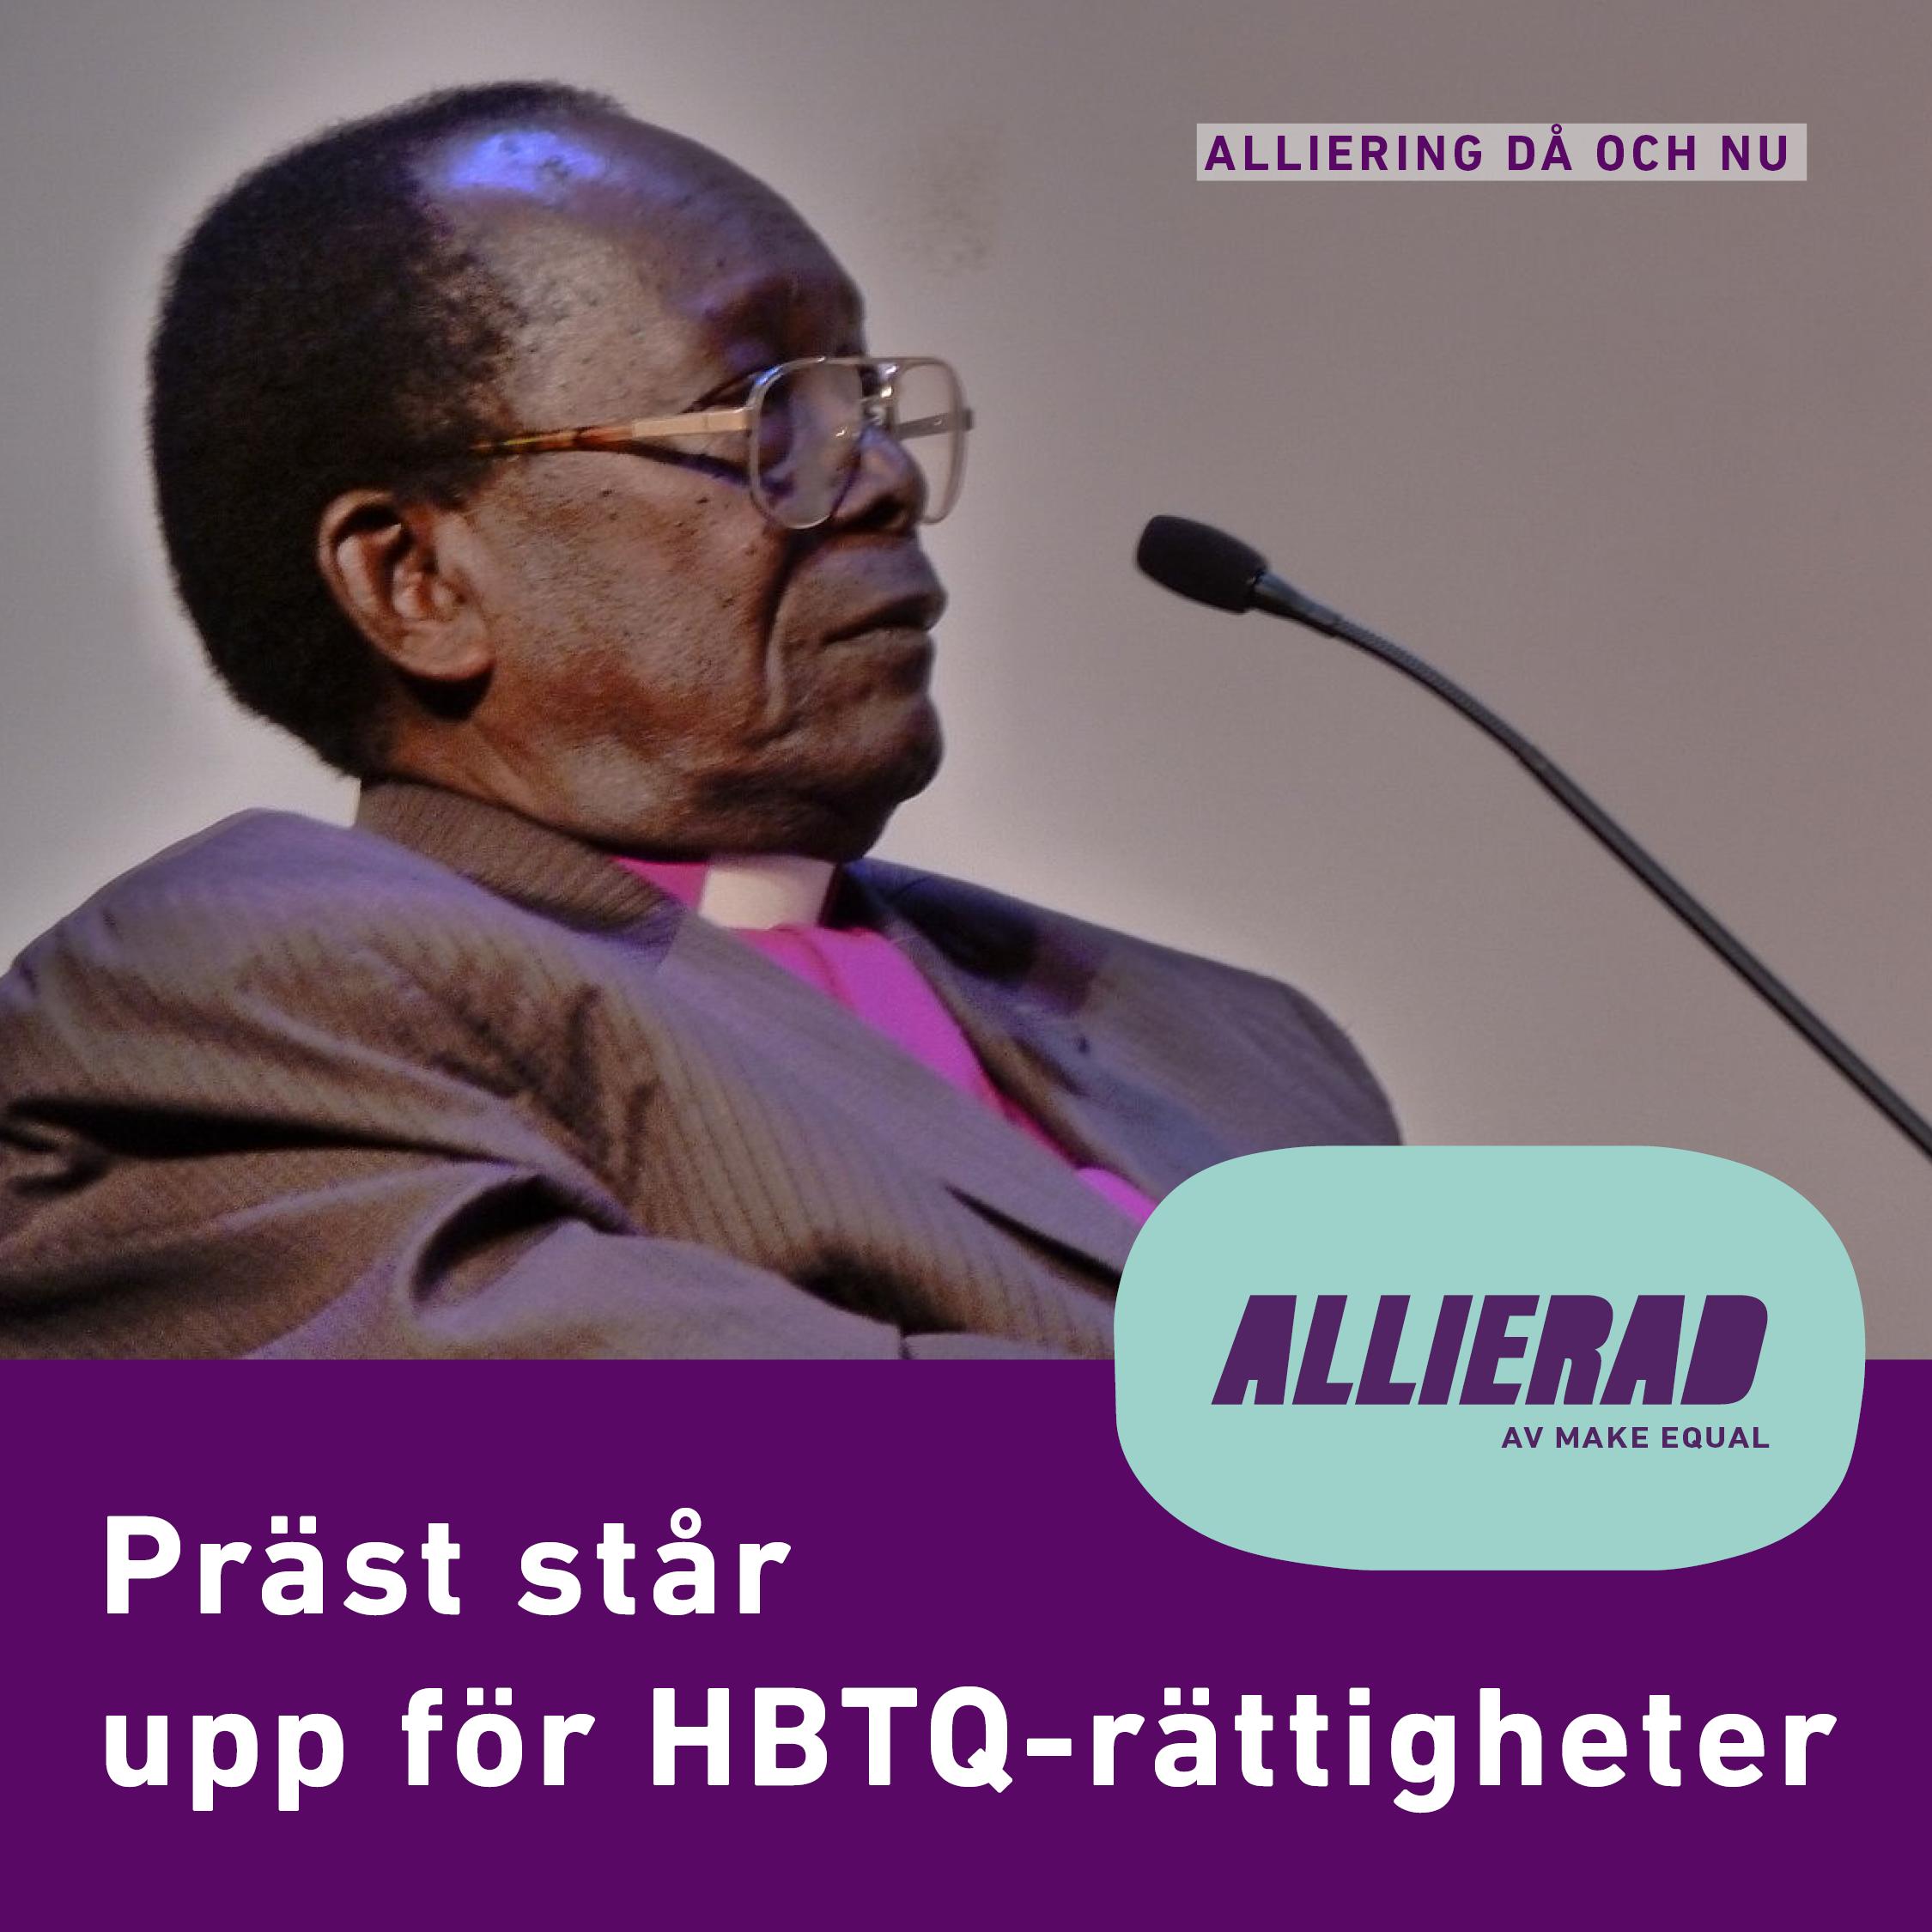 """En närbild i halvt profil föreställande en sittandes Christopher Senyonjo med en mikrofon framför sig. Bakgrunden är en grå vägg. Text """"Präst står upp för HBTQ-rättigheter"""" samt Allierads logga och """"Alliering då och nu"""""""